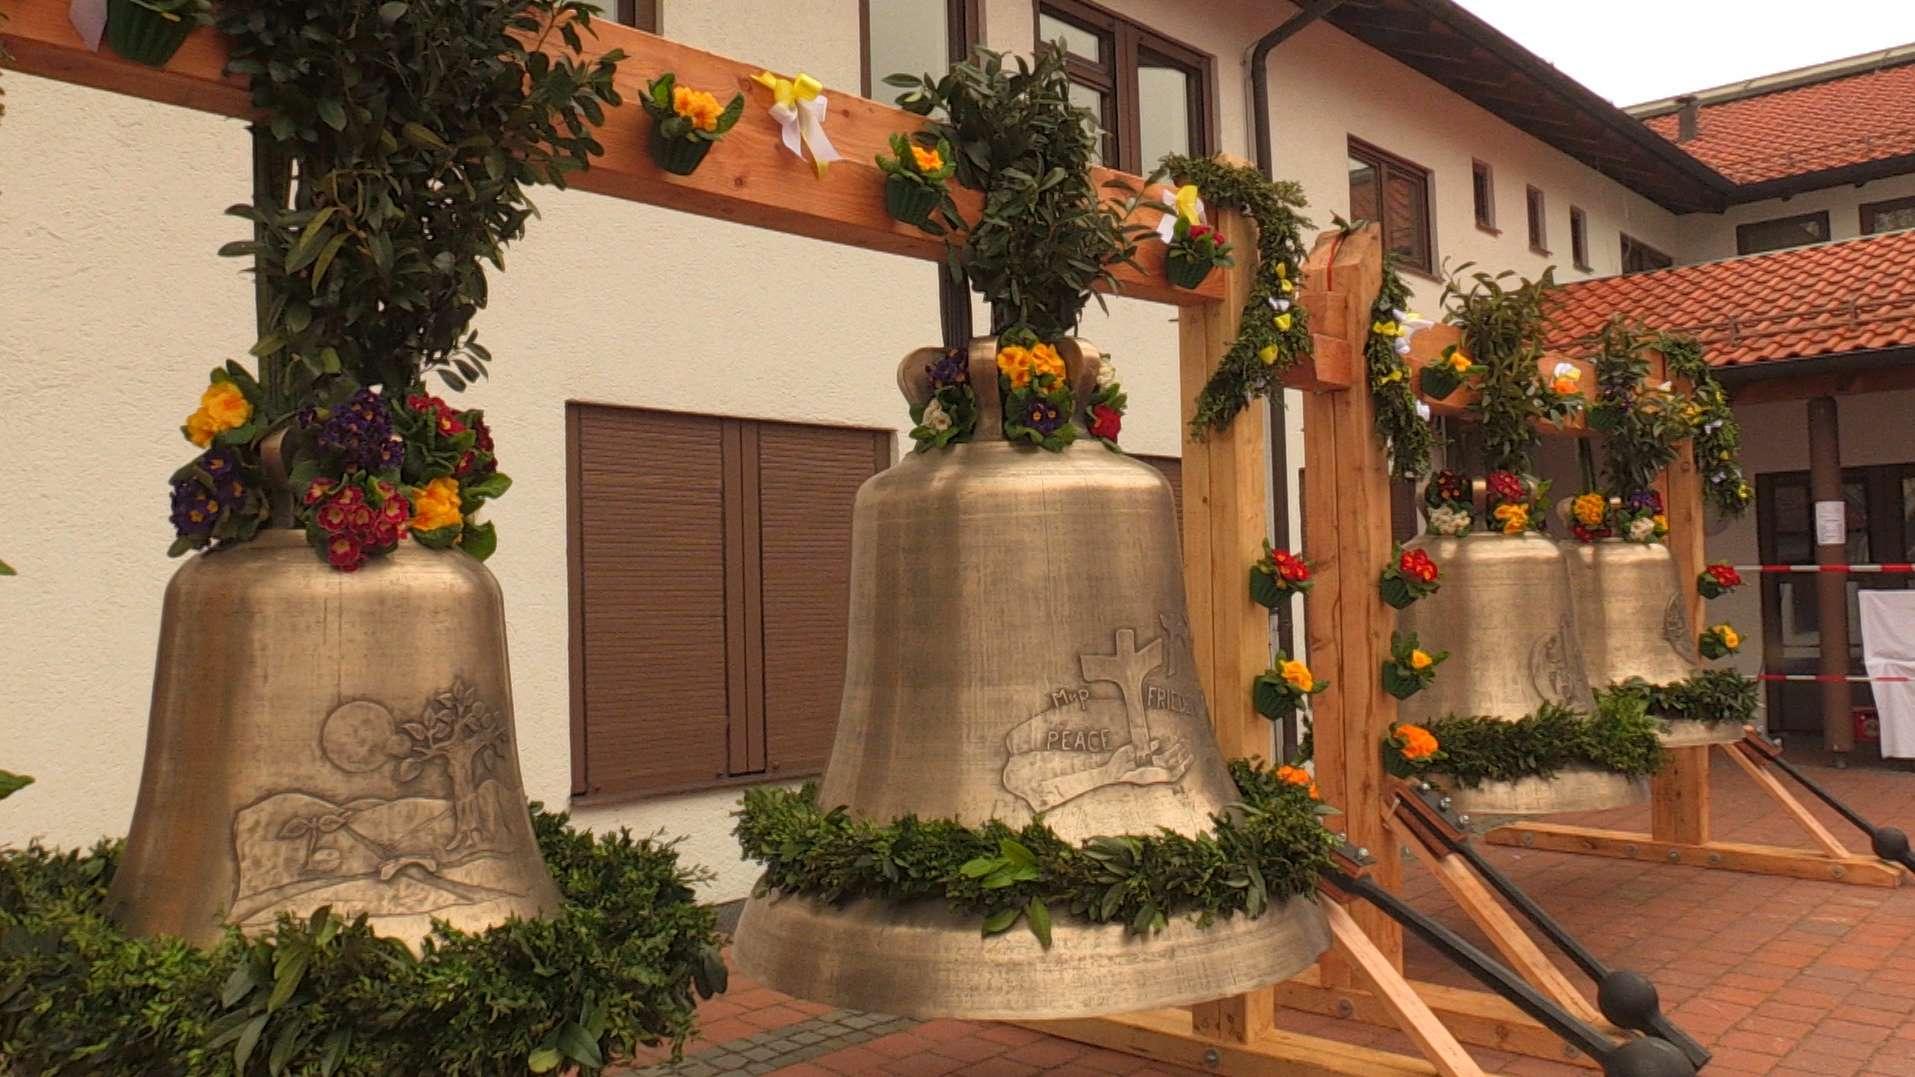 35 Jahre lang war der Kirchturm von St. Philippus im Münchner Stadtteil Laim ohne Glocken.